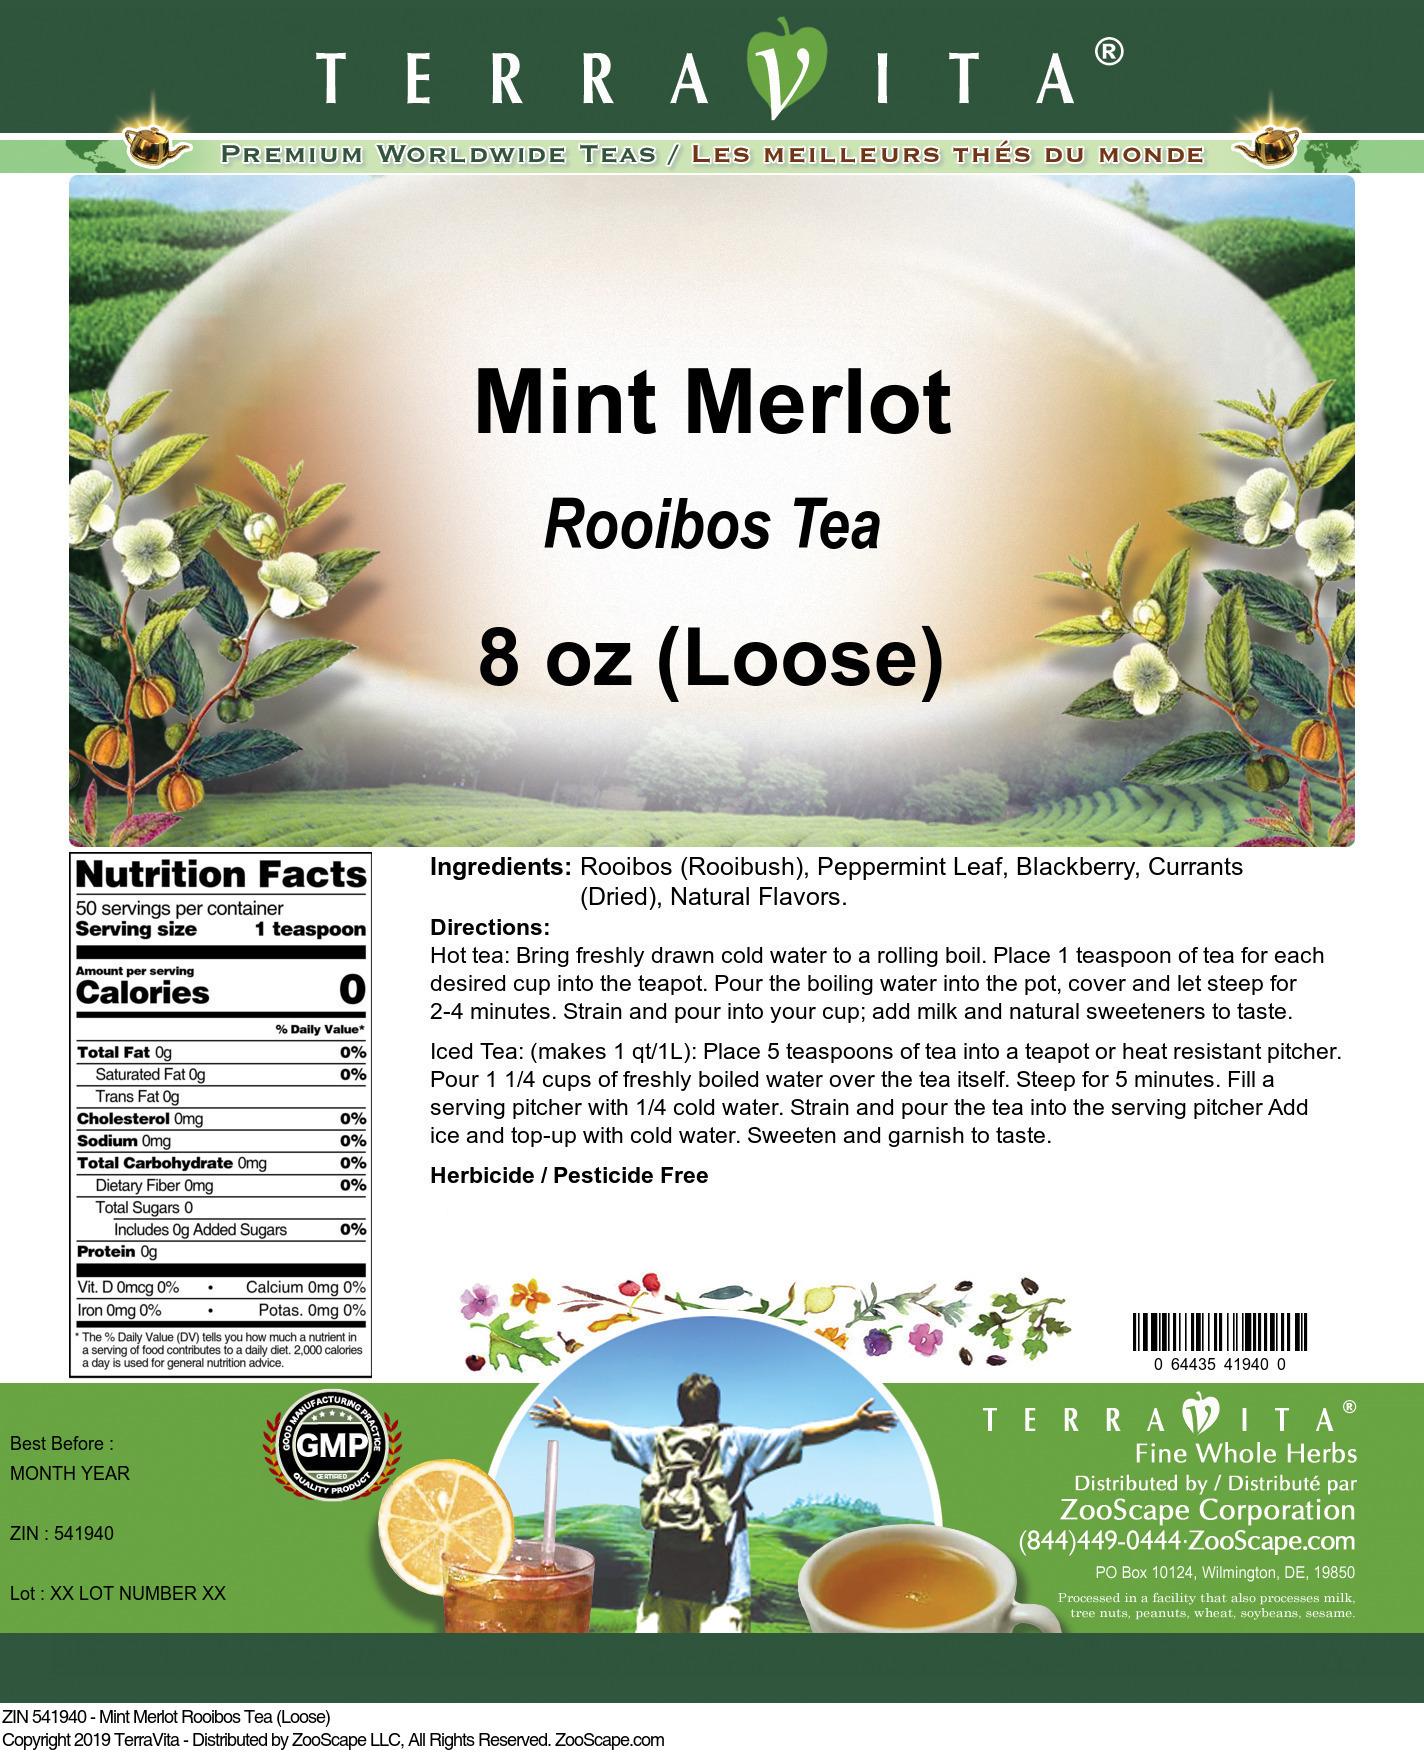 Mint Merlot Rooibos Tea (Loose)